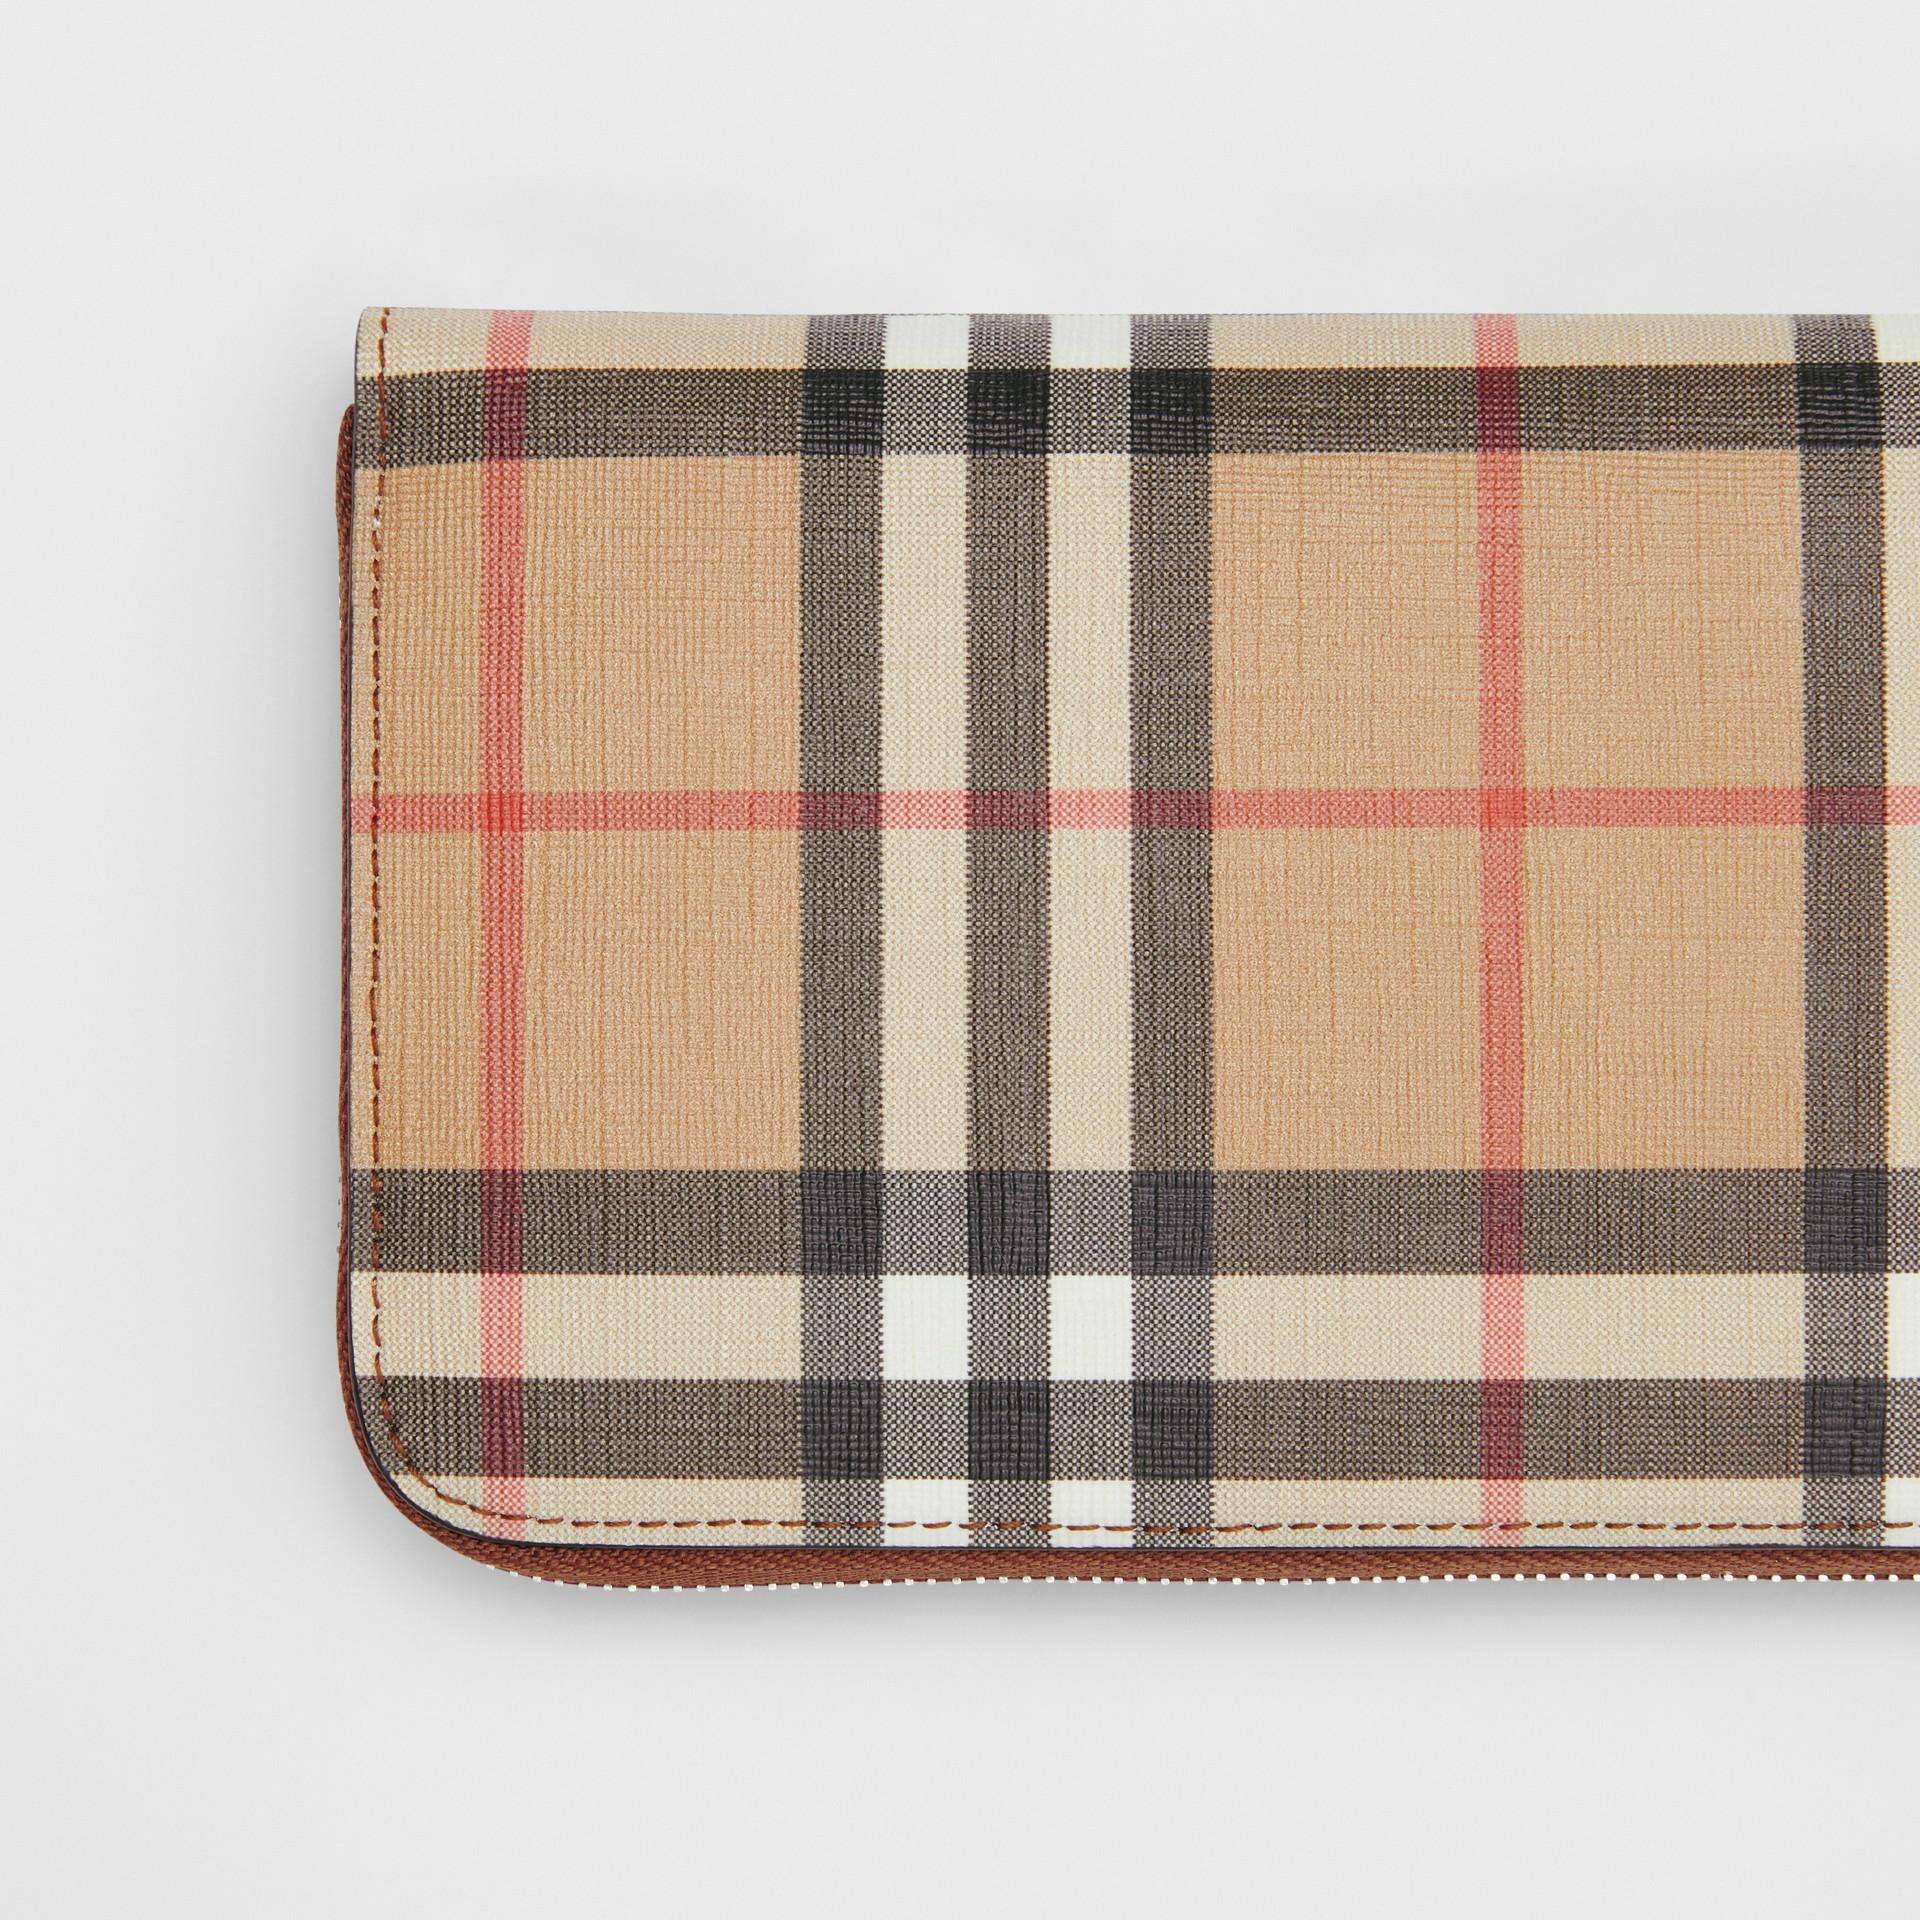 Portefeuille zippé en toile écologique Vintage check (Brun Malt) - Femme | Burberry - photo de la galerie 1